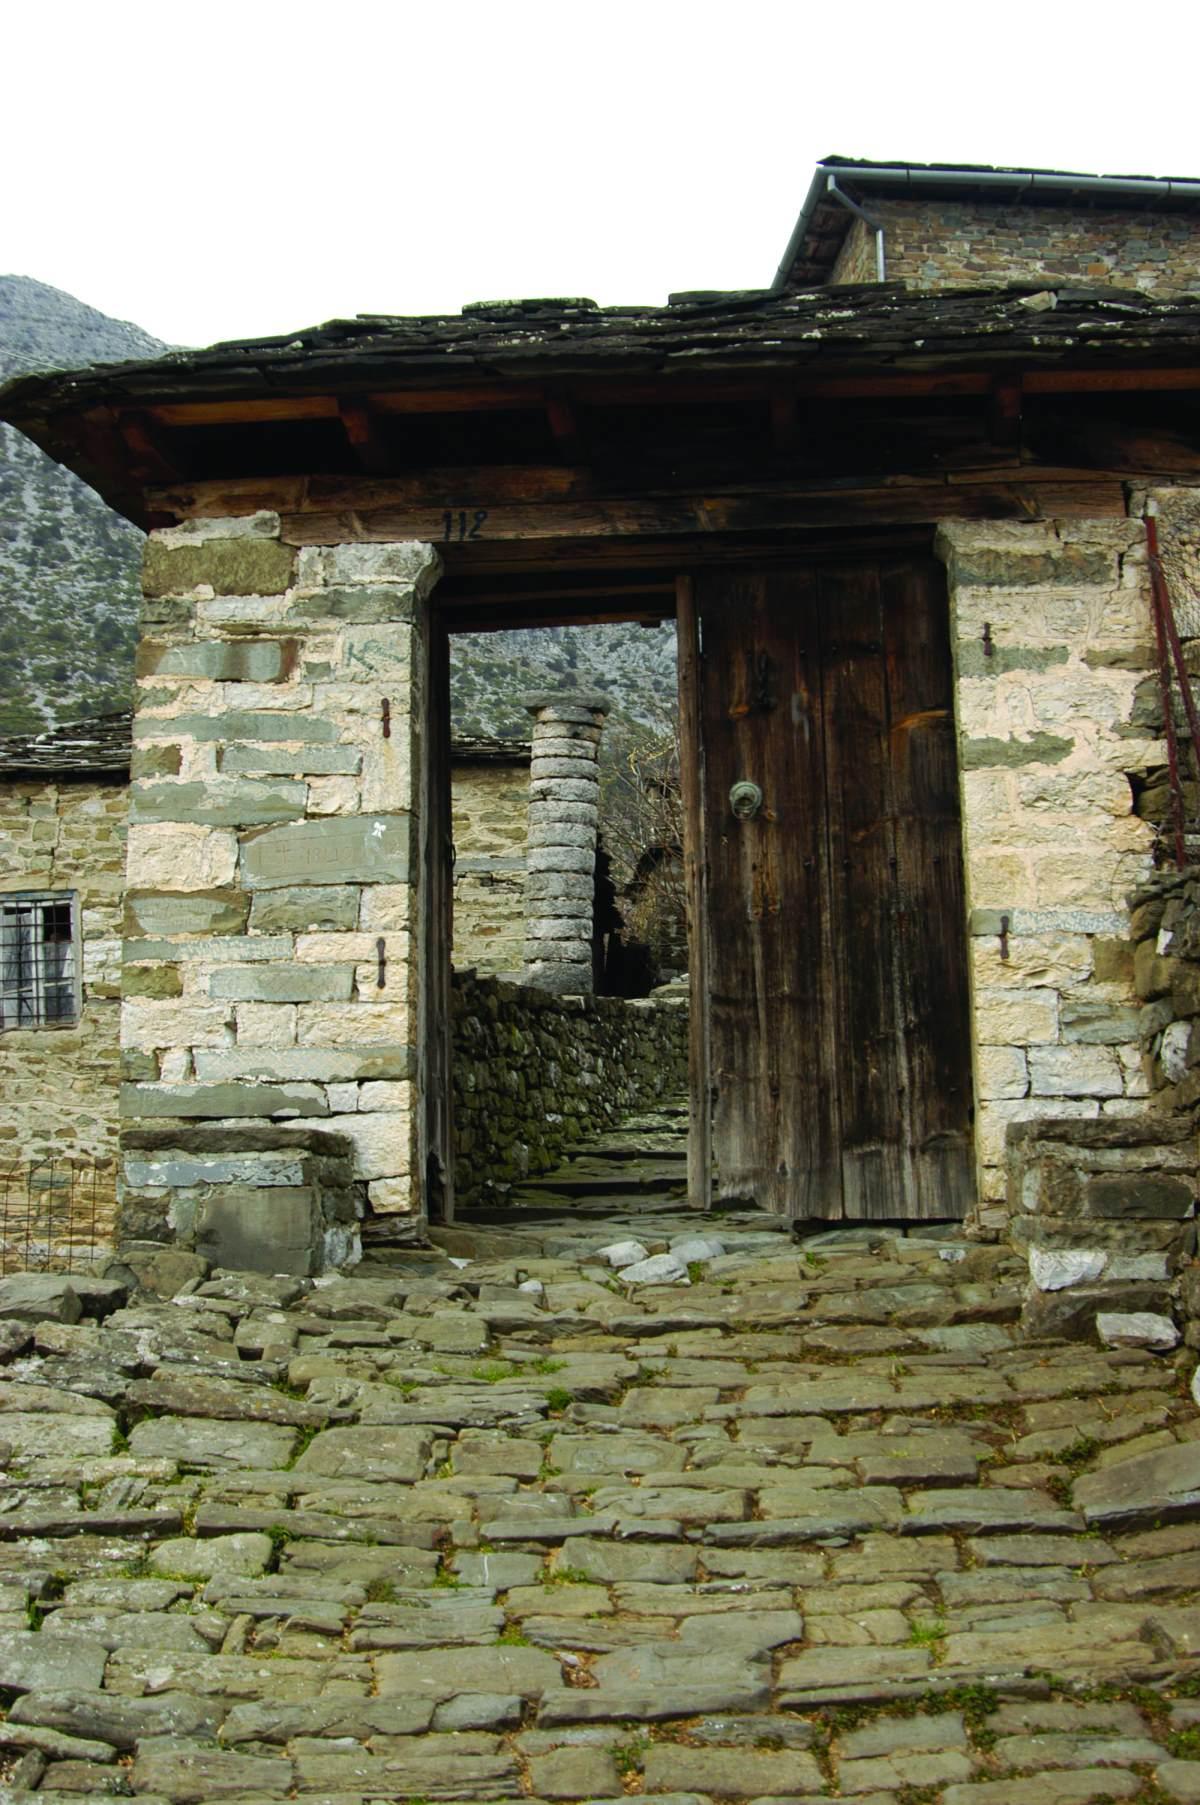 Στο χωριό κυριαρχεί η πέτρα, Τσεπέλοβο